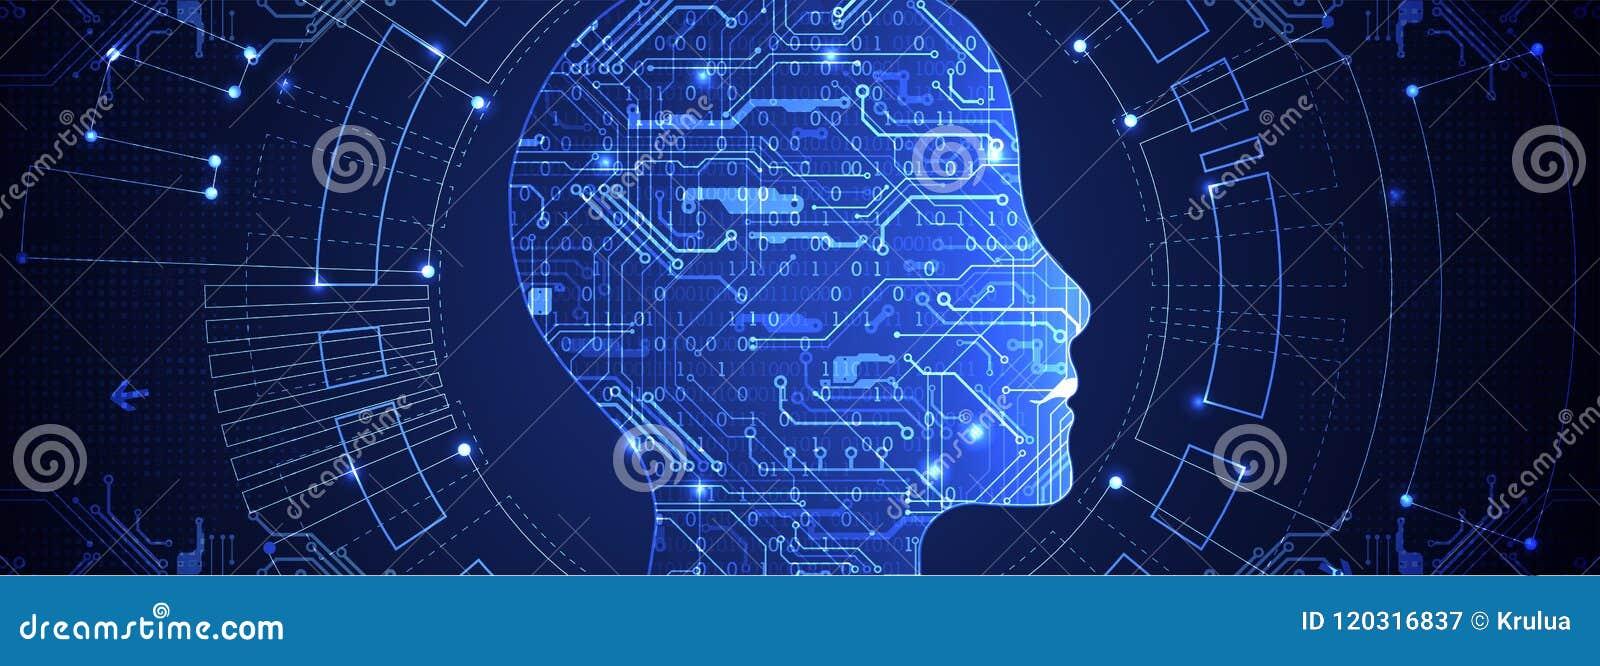 人为脑子巡回概念电子情报mainboard 背景二进制代码地球电话行星技术